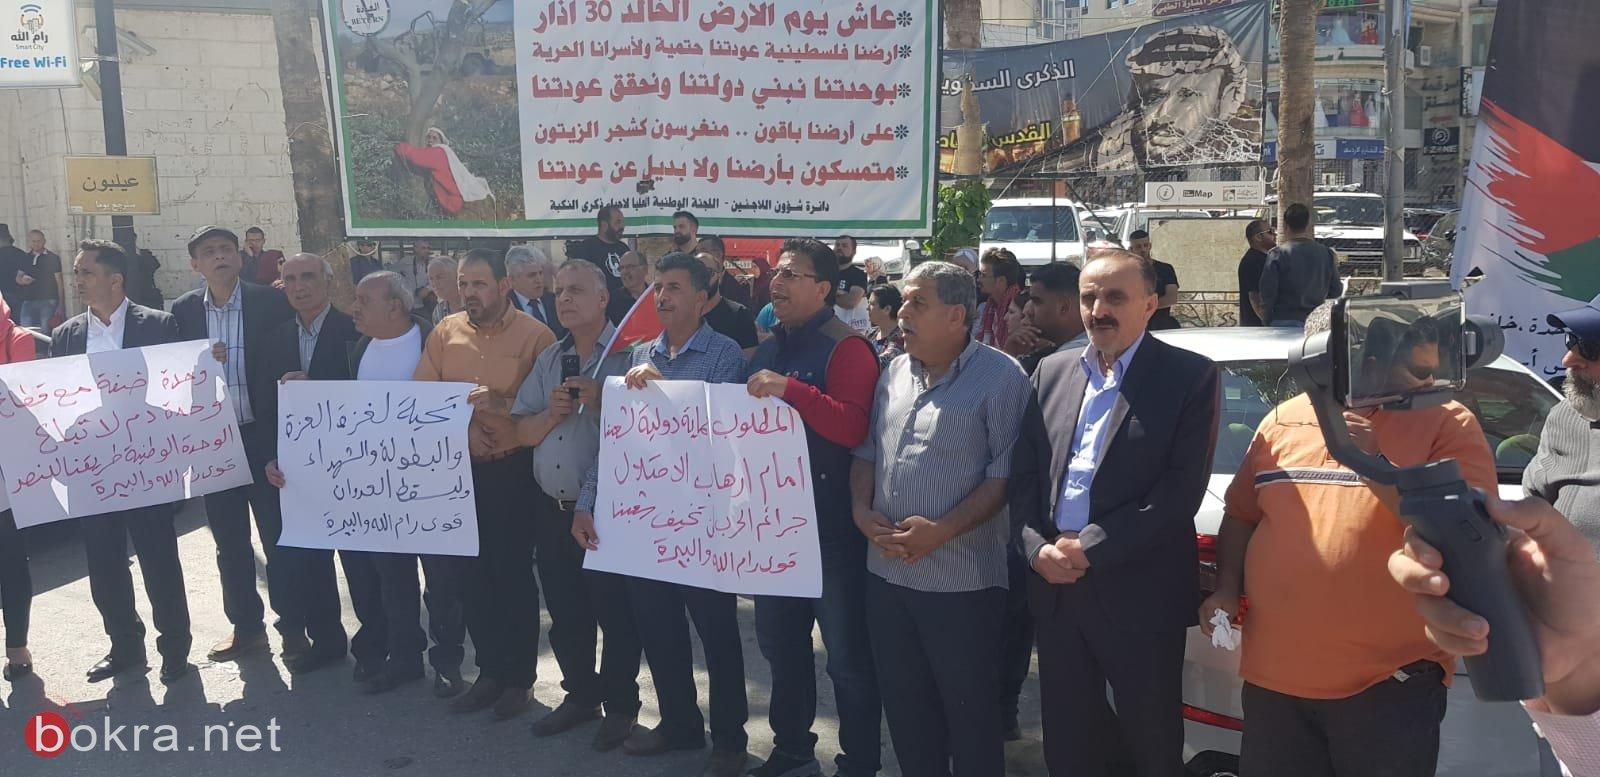 رام الله: مظاهرة تدعو للوحدة الوطنية كرد على العدوان الإسرائيلي